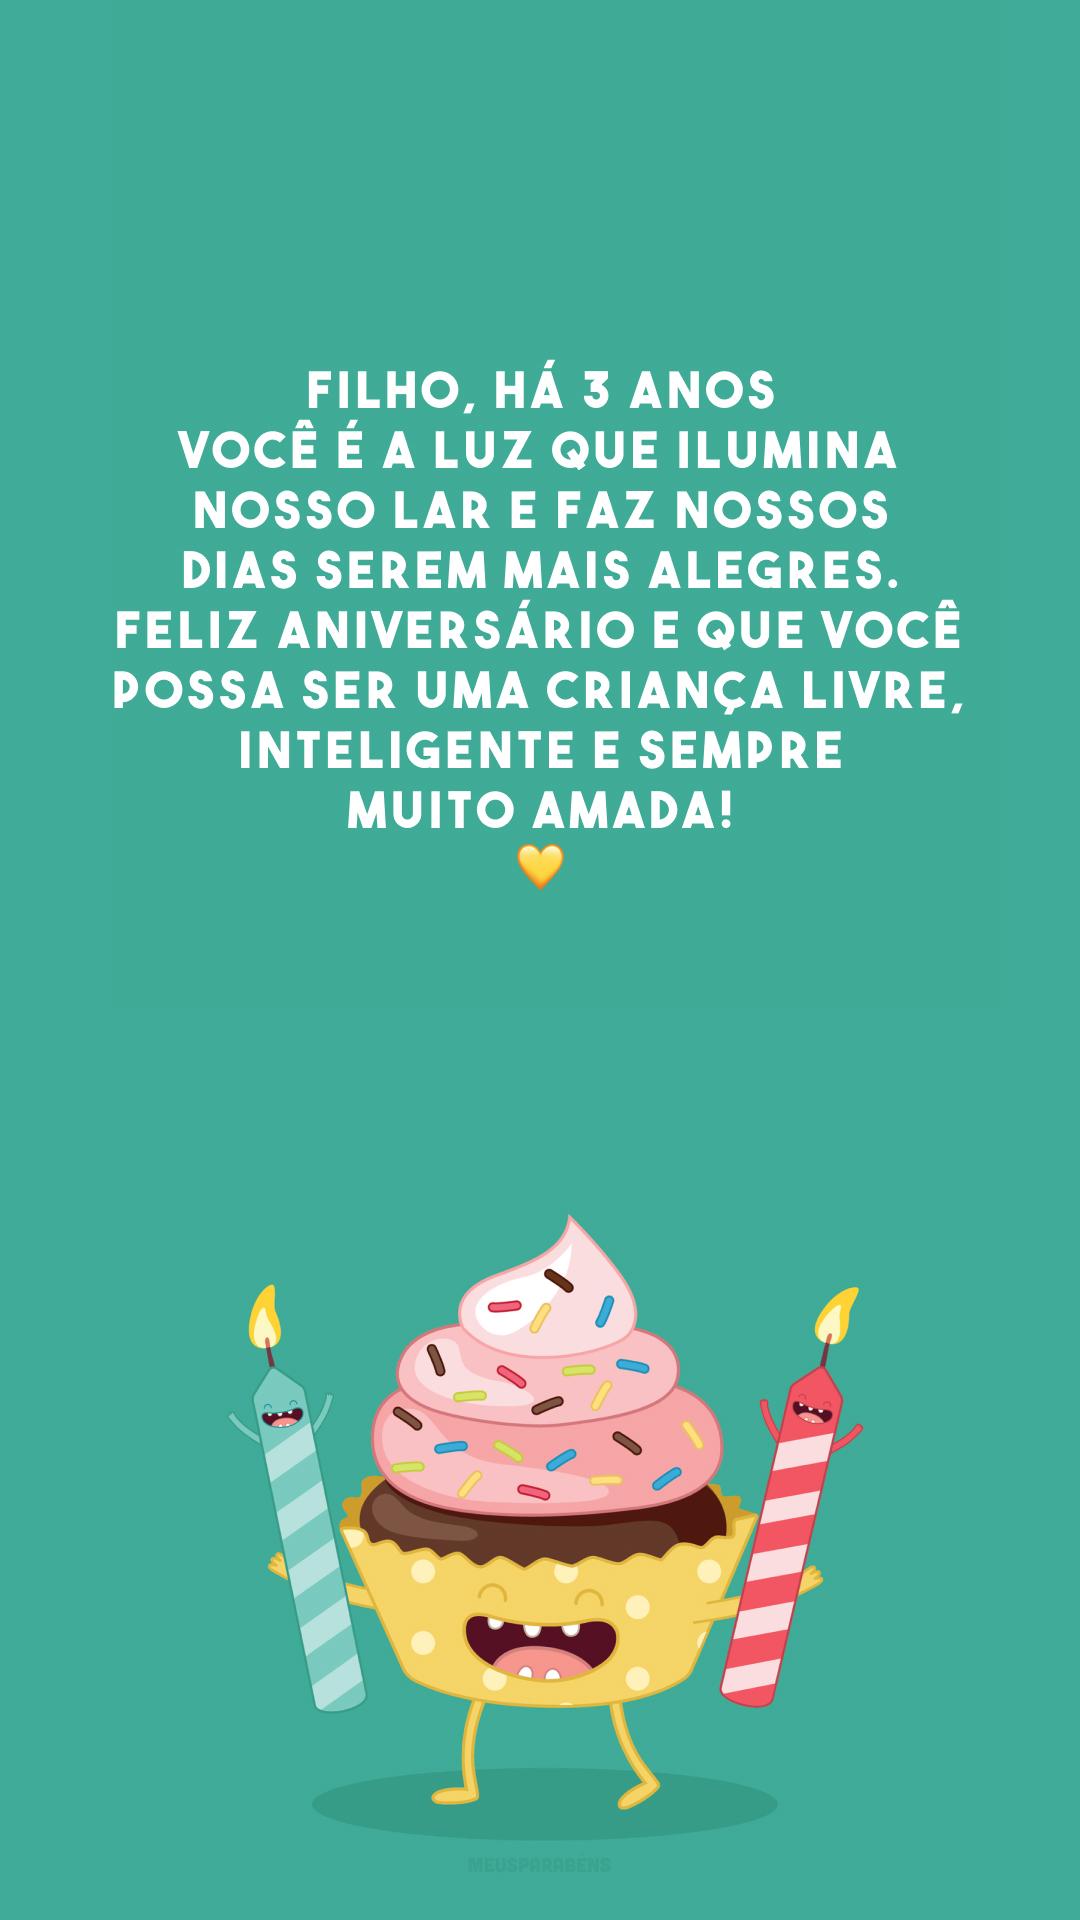 Filho, há 3 anos você é a luz que ilumina nosso lar e faz nossos dias serem mais alegres. Feliz aniversário e que você possa ser uma criança livre, inteligente e sempre muito amada! 💛